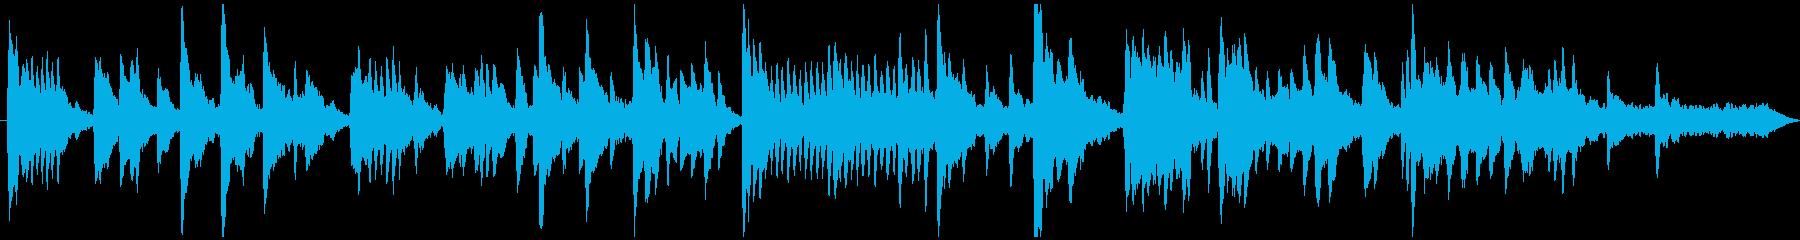 控えめなメロディーのソロピアノ曲の再生済みの波形